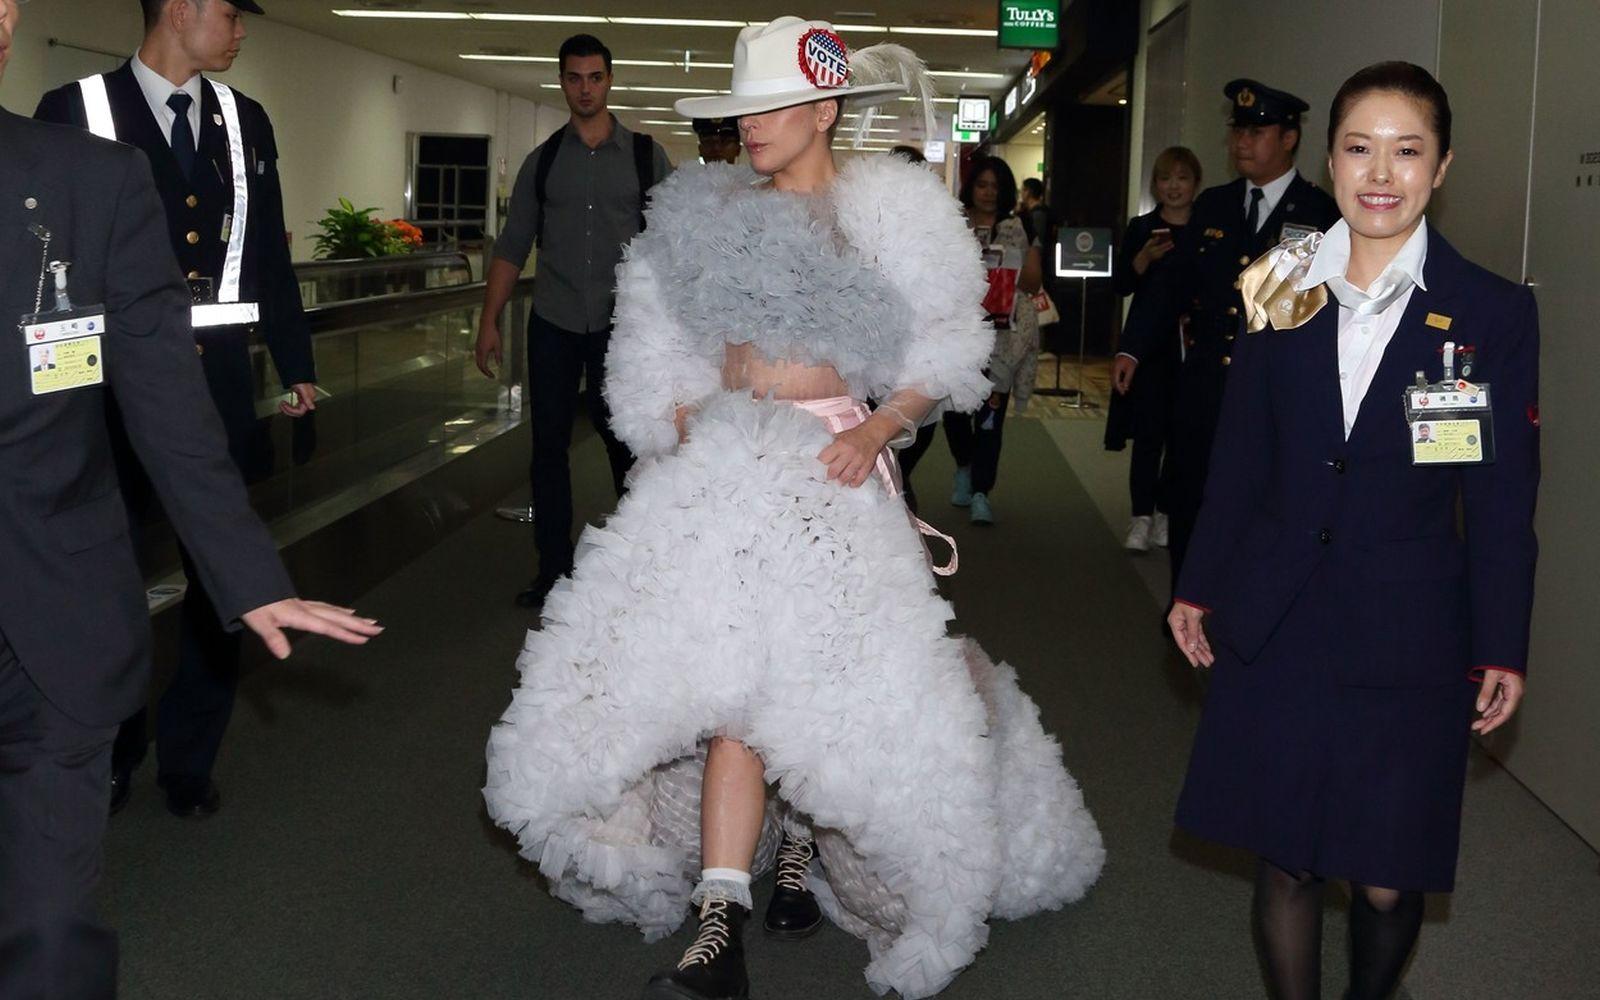 Celebrități mult prea îmbrăcate! Ce ținute nepotrivite au purtat vedetele